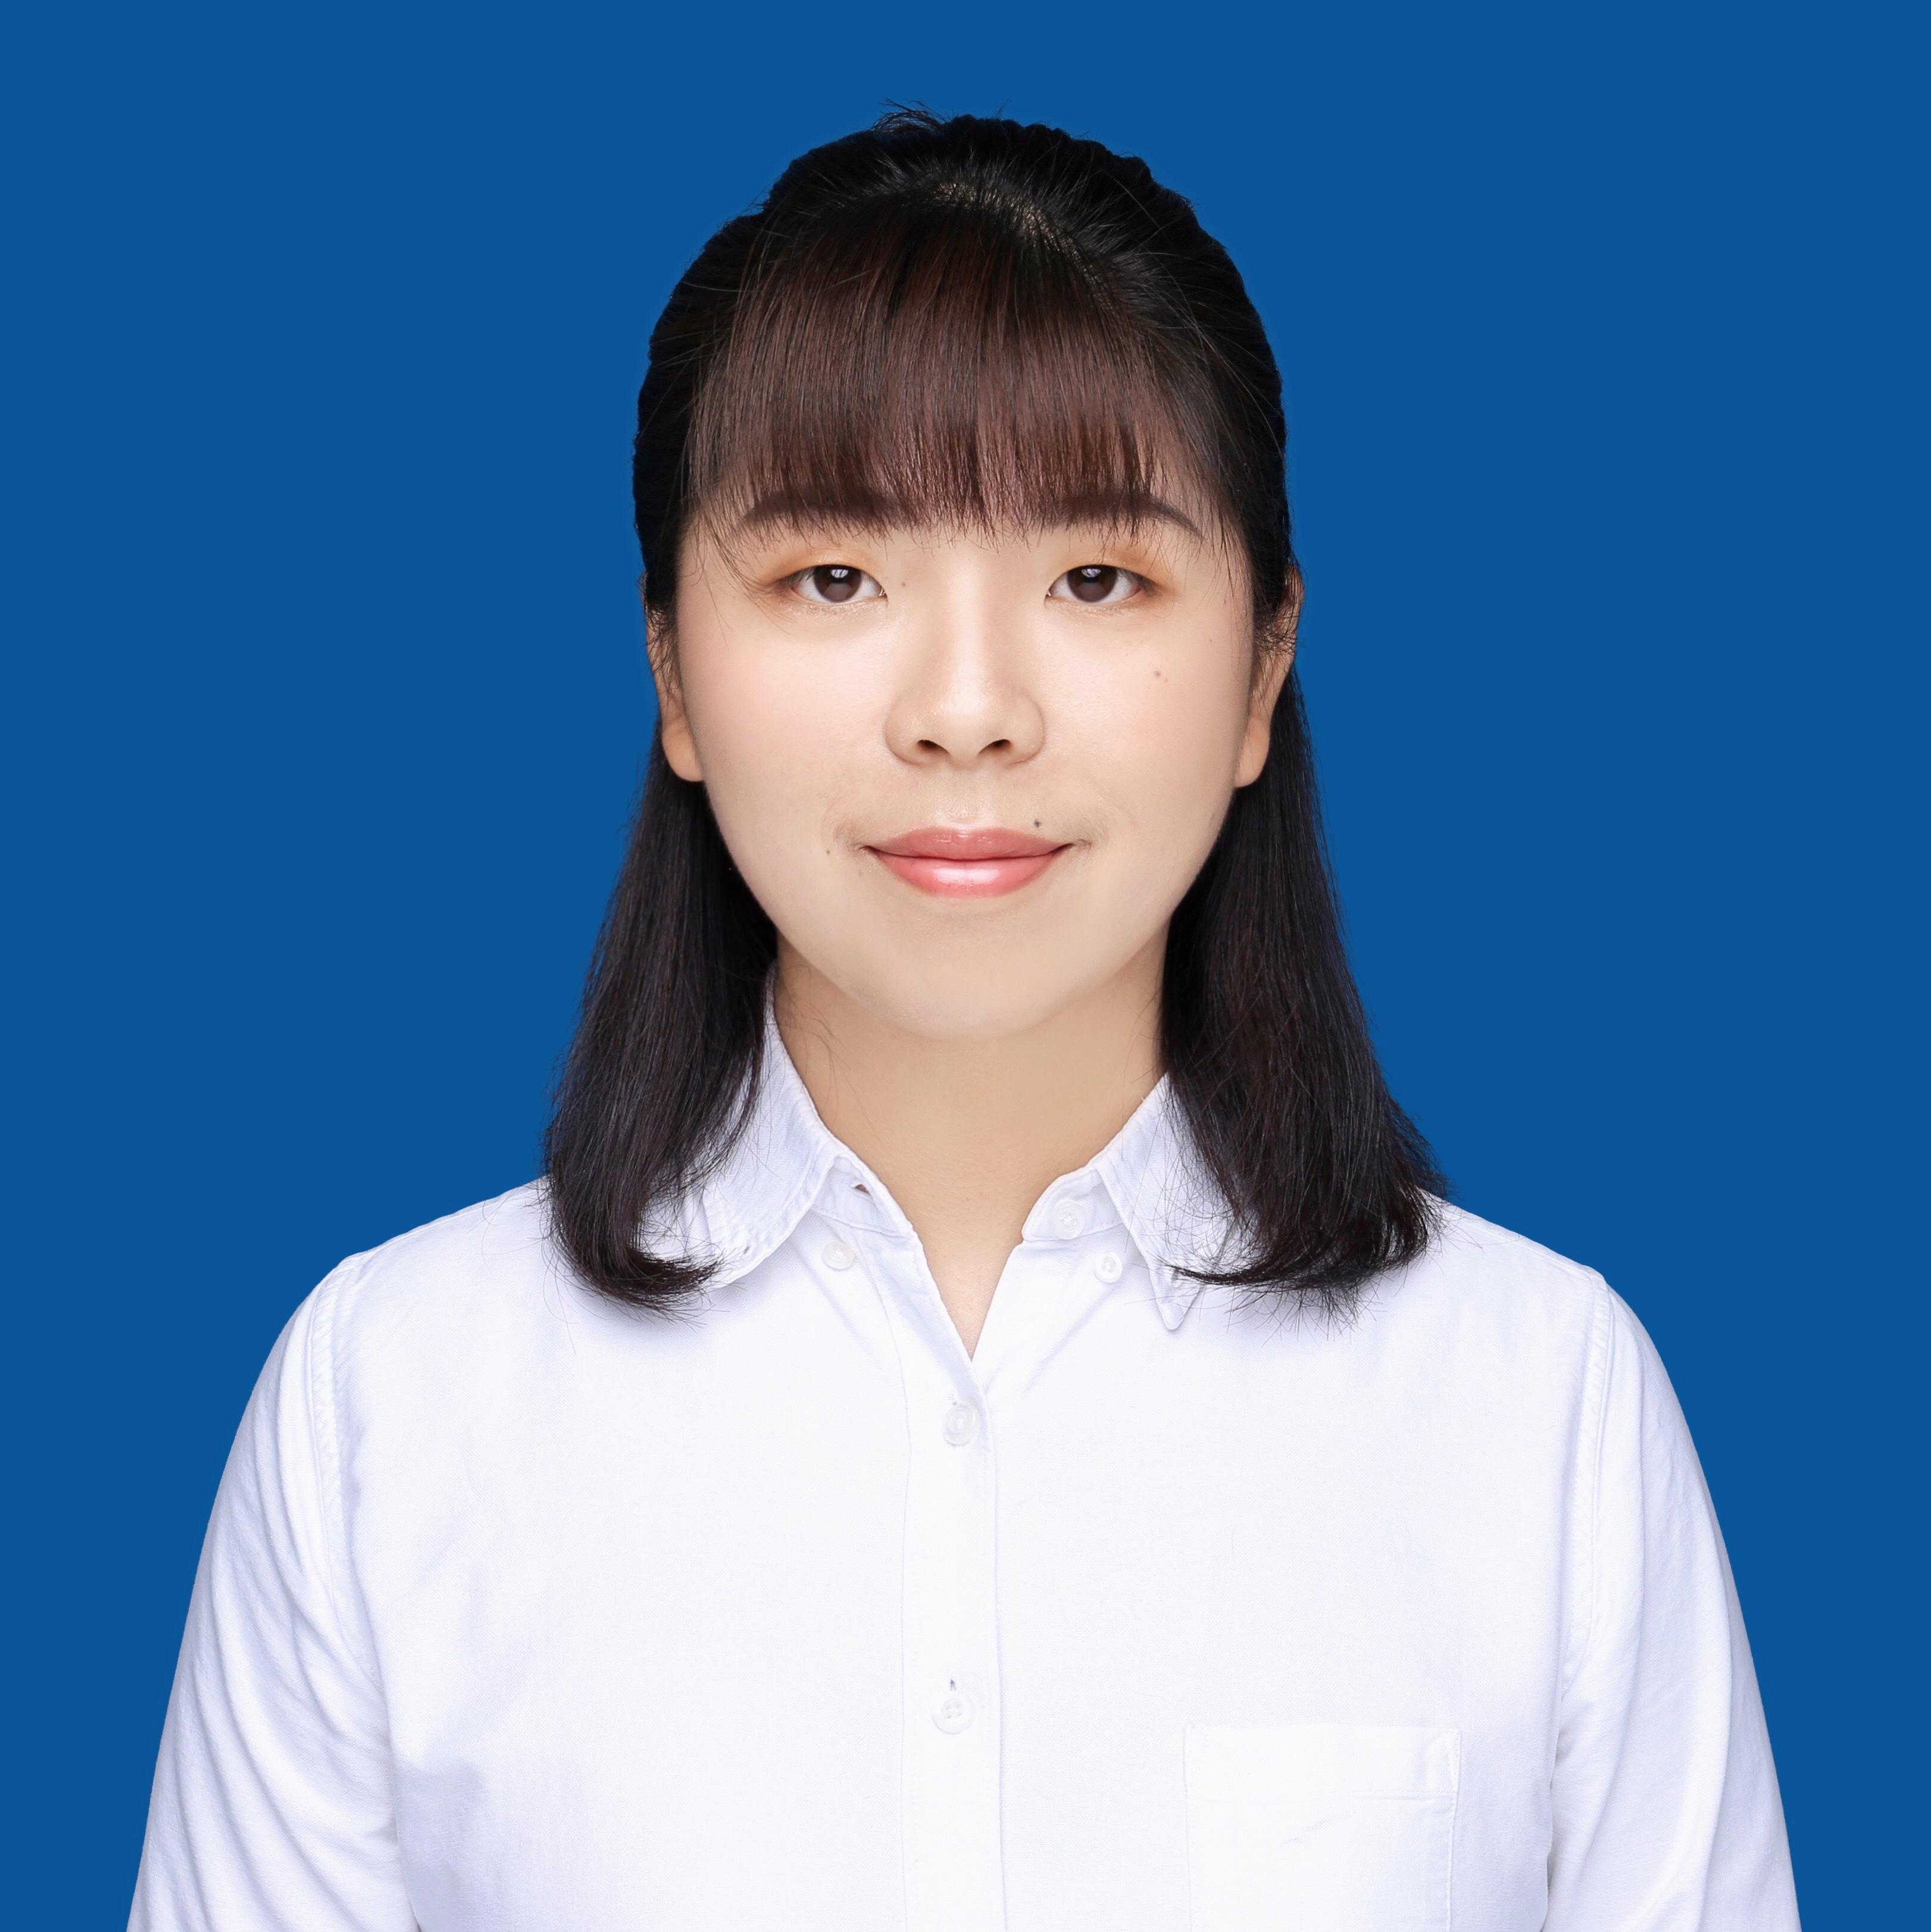 杭州家教褚教员